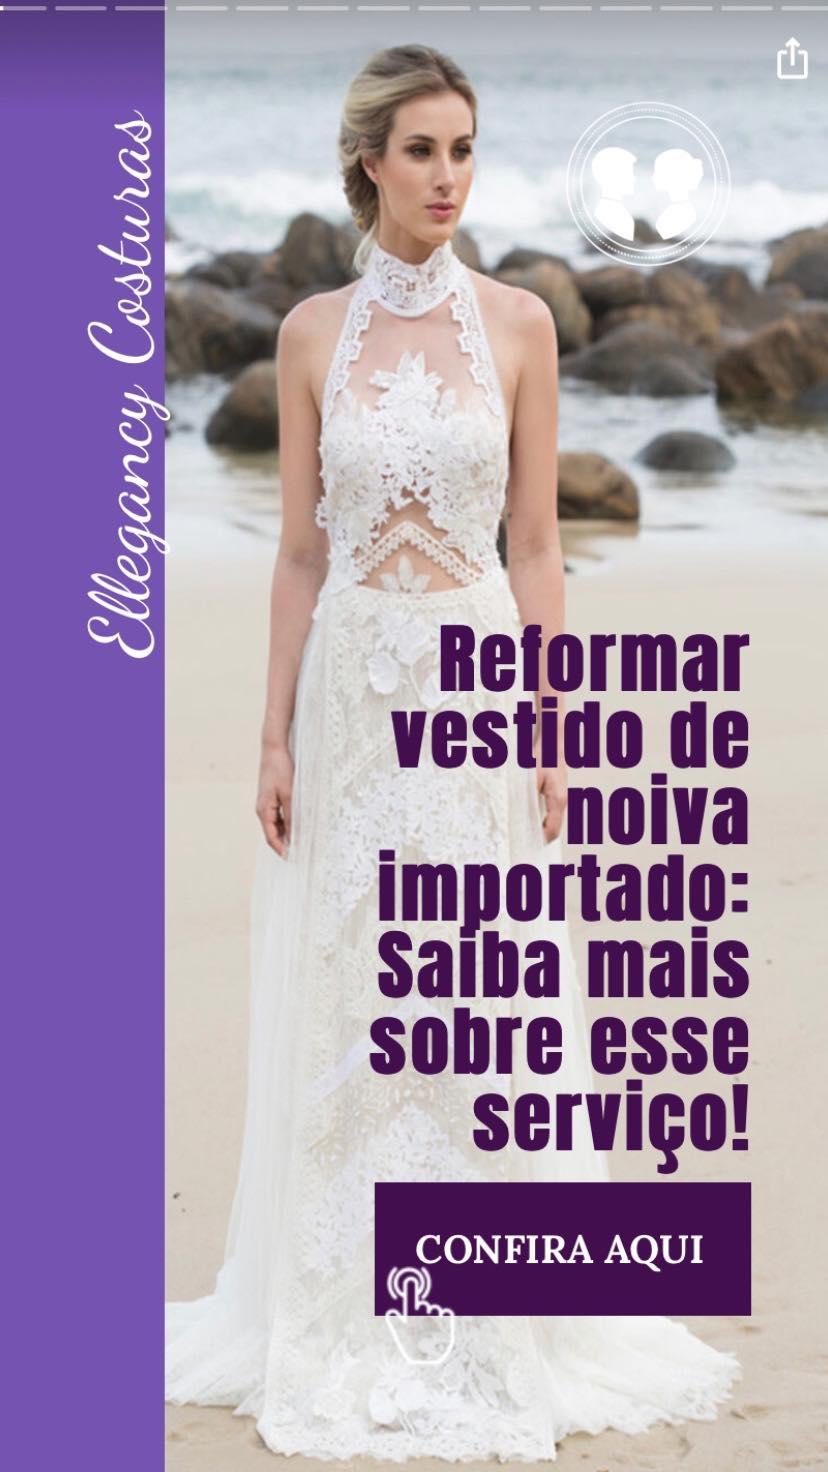 Reformar vestido de noiva importado sp